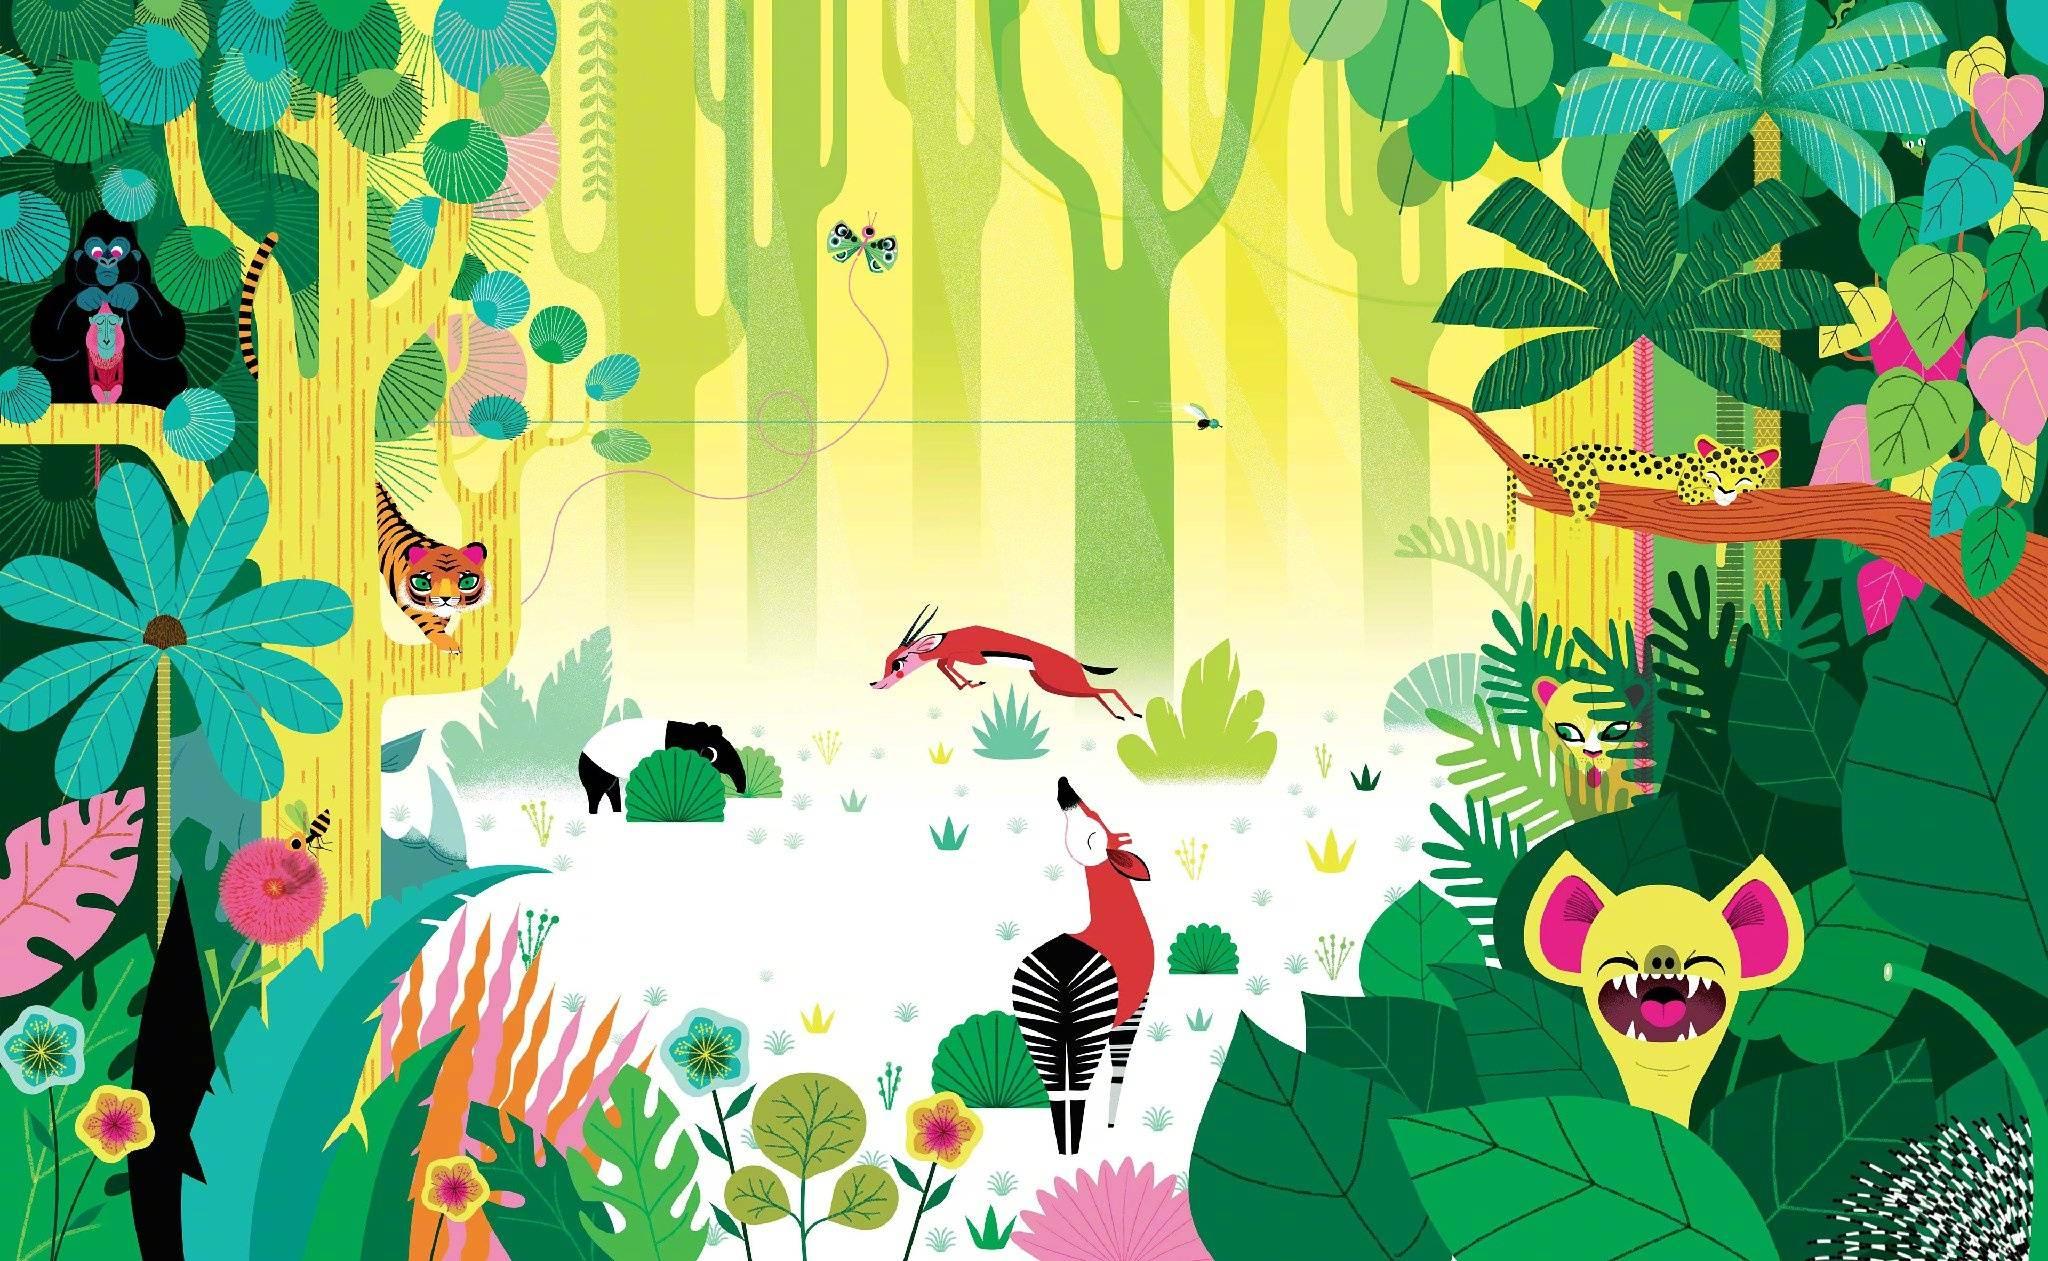 雅思写作大作文满分范文:保护野生动物(wild animals